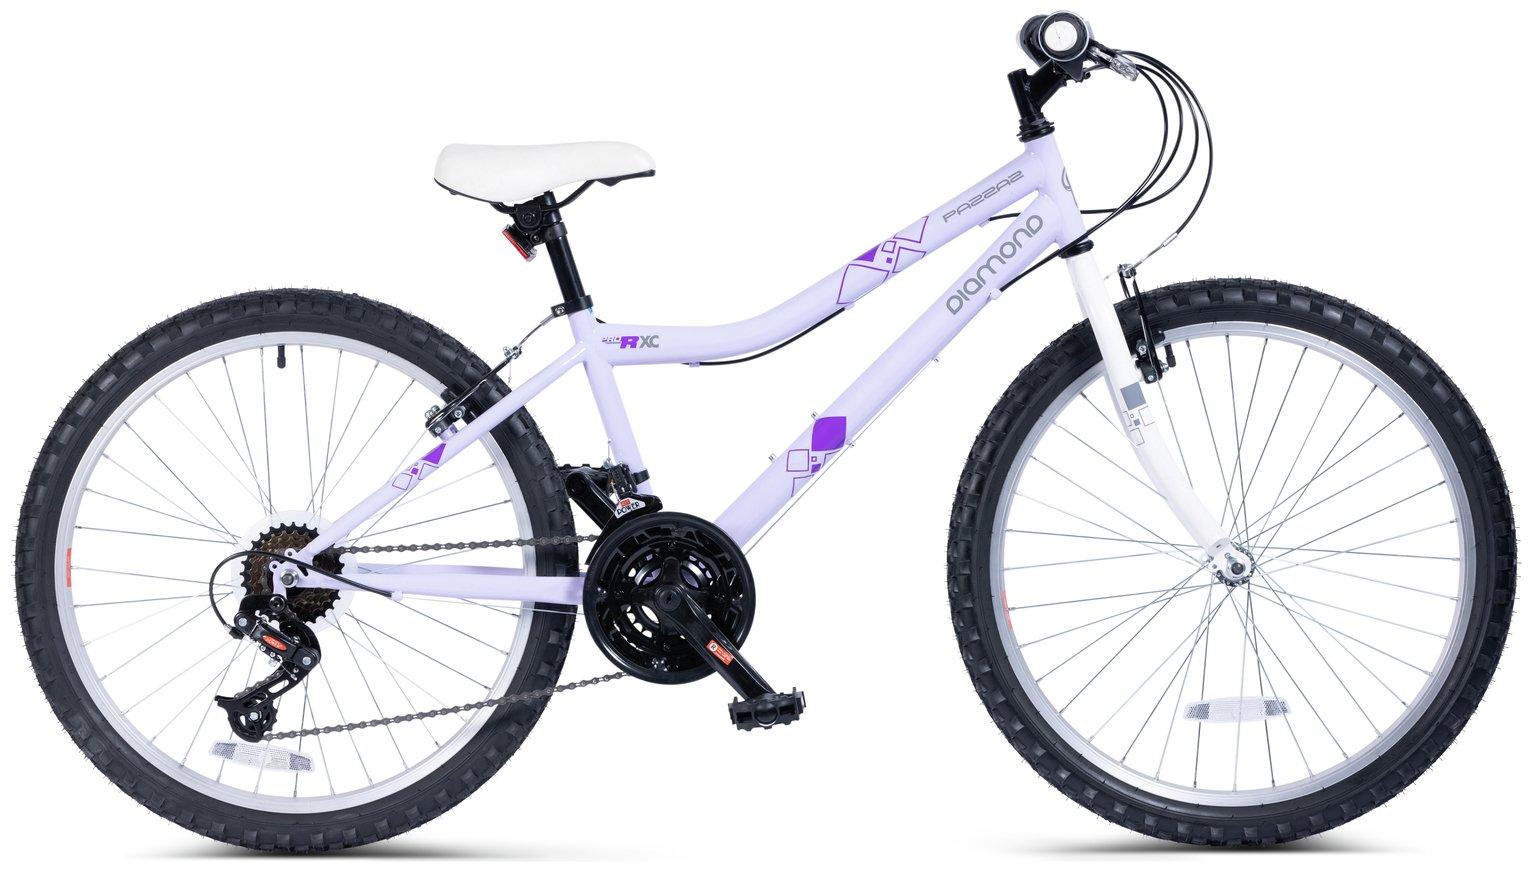 Pazzaz 24 Inch Diamond Rigid Bike